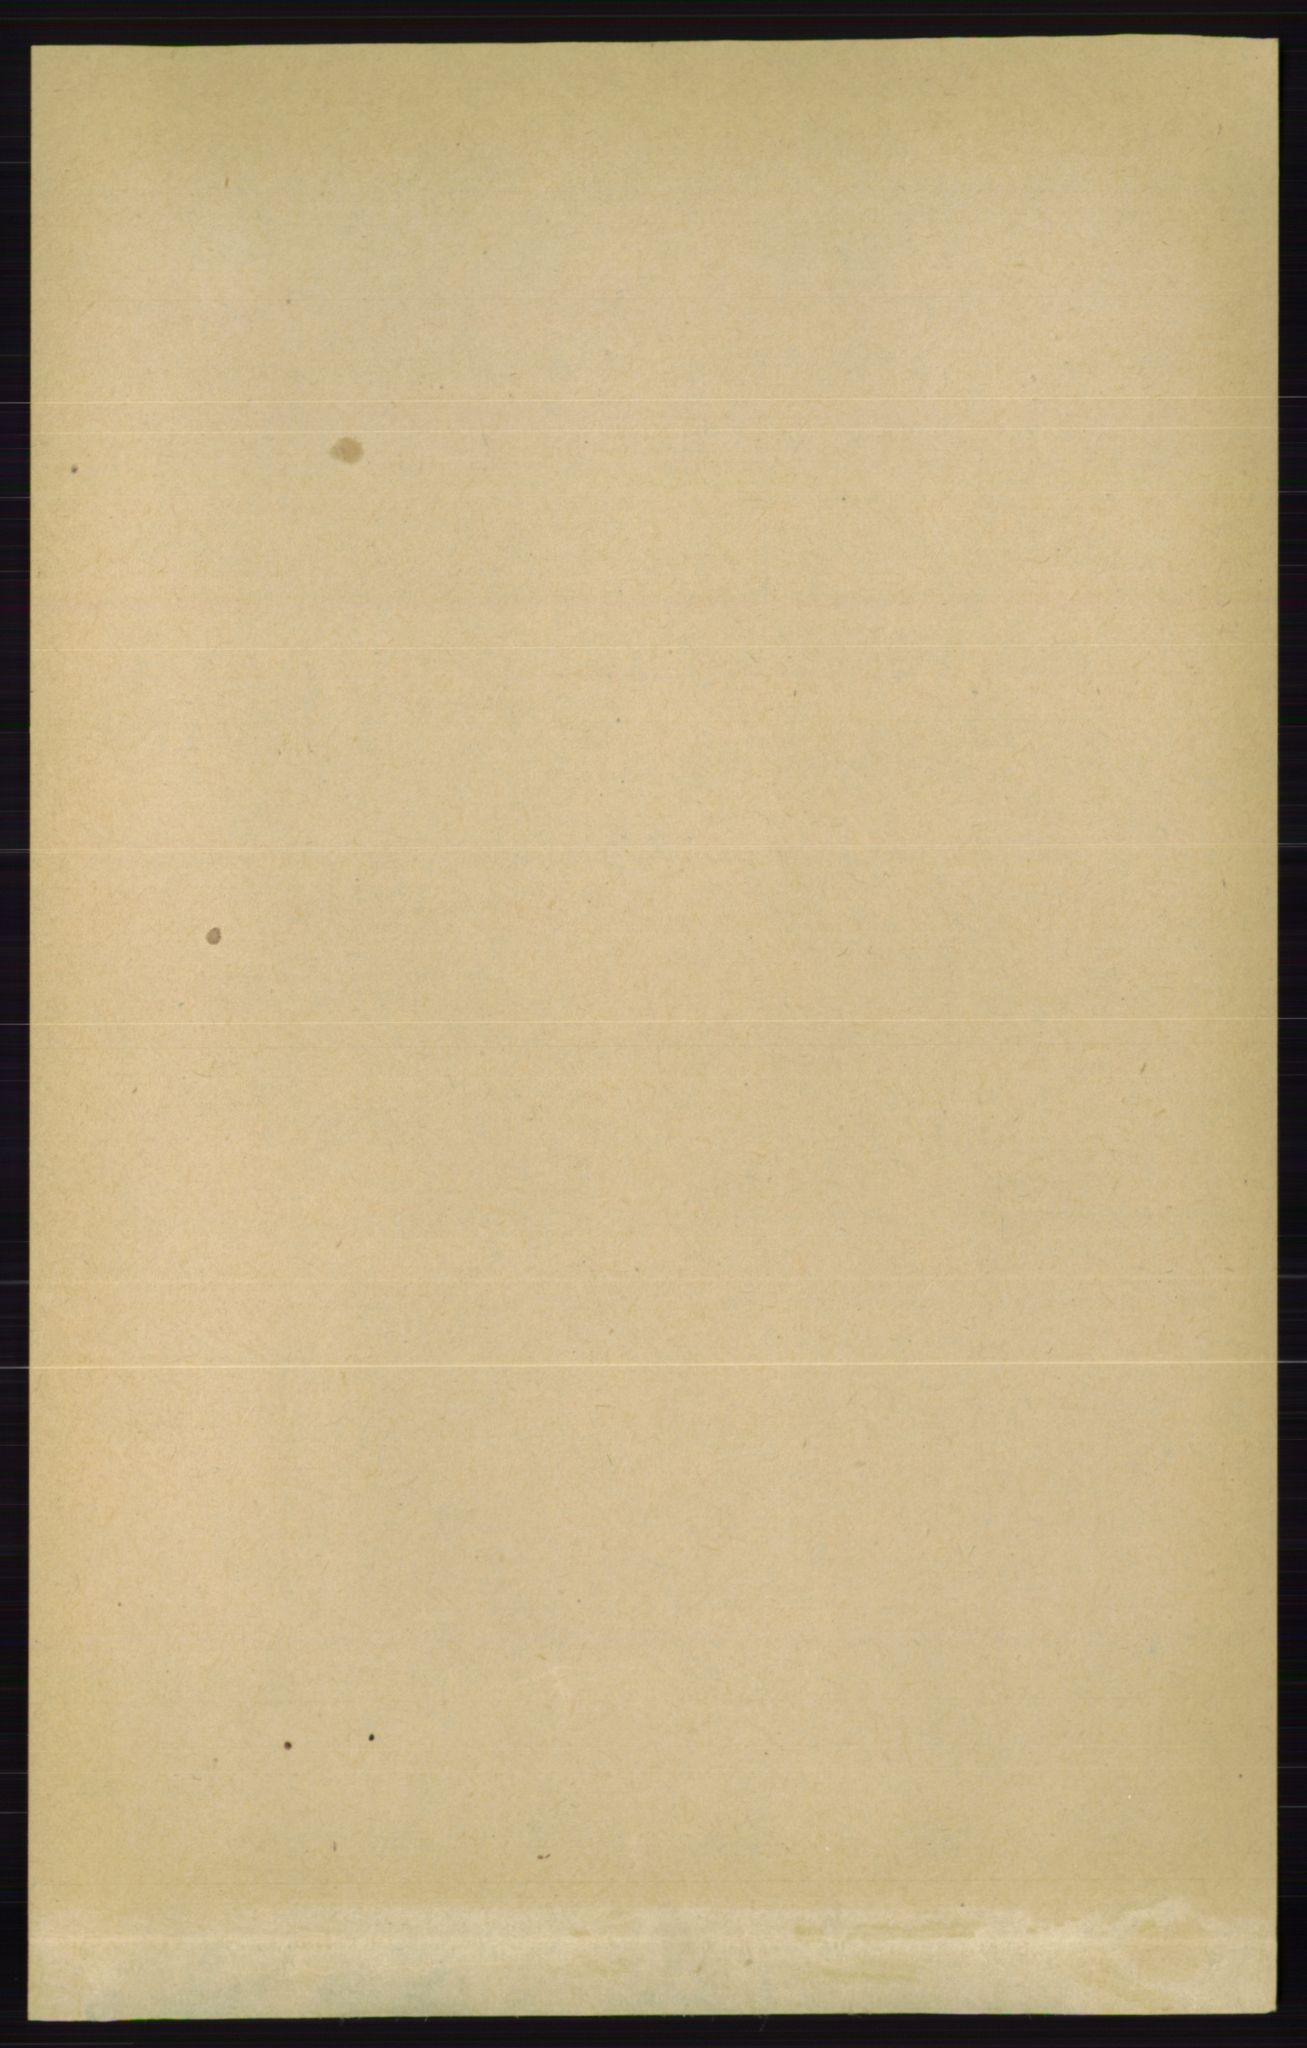 RA, Folketelling 1891 for 0830 Nissedal herred, 1891, s. 1463